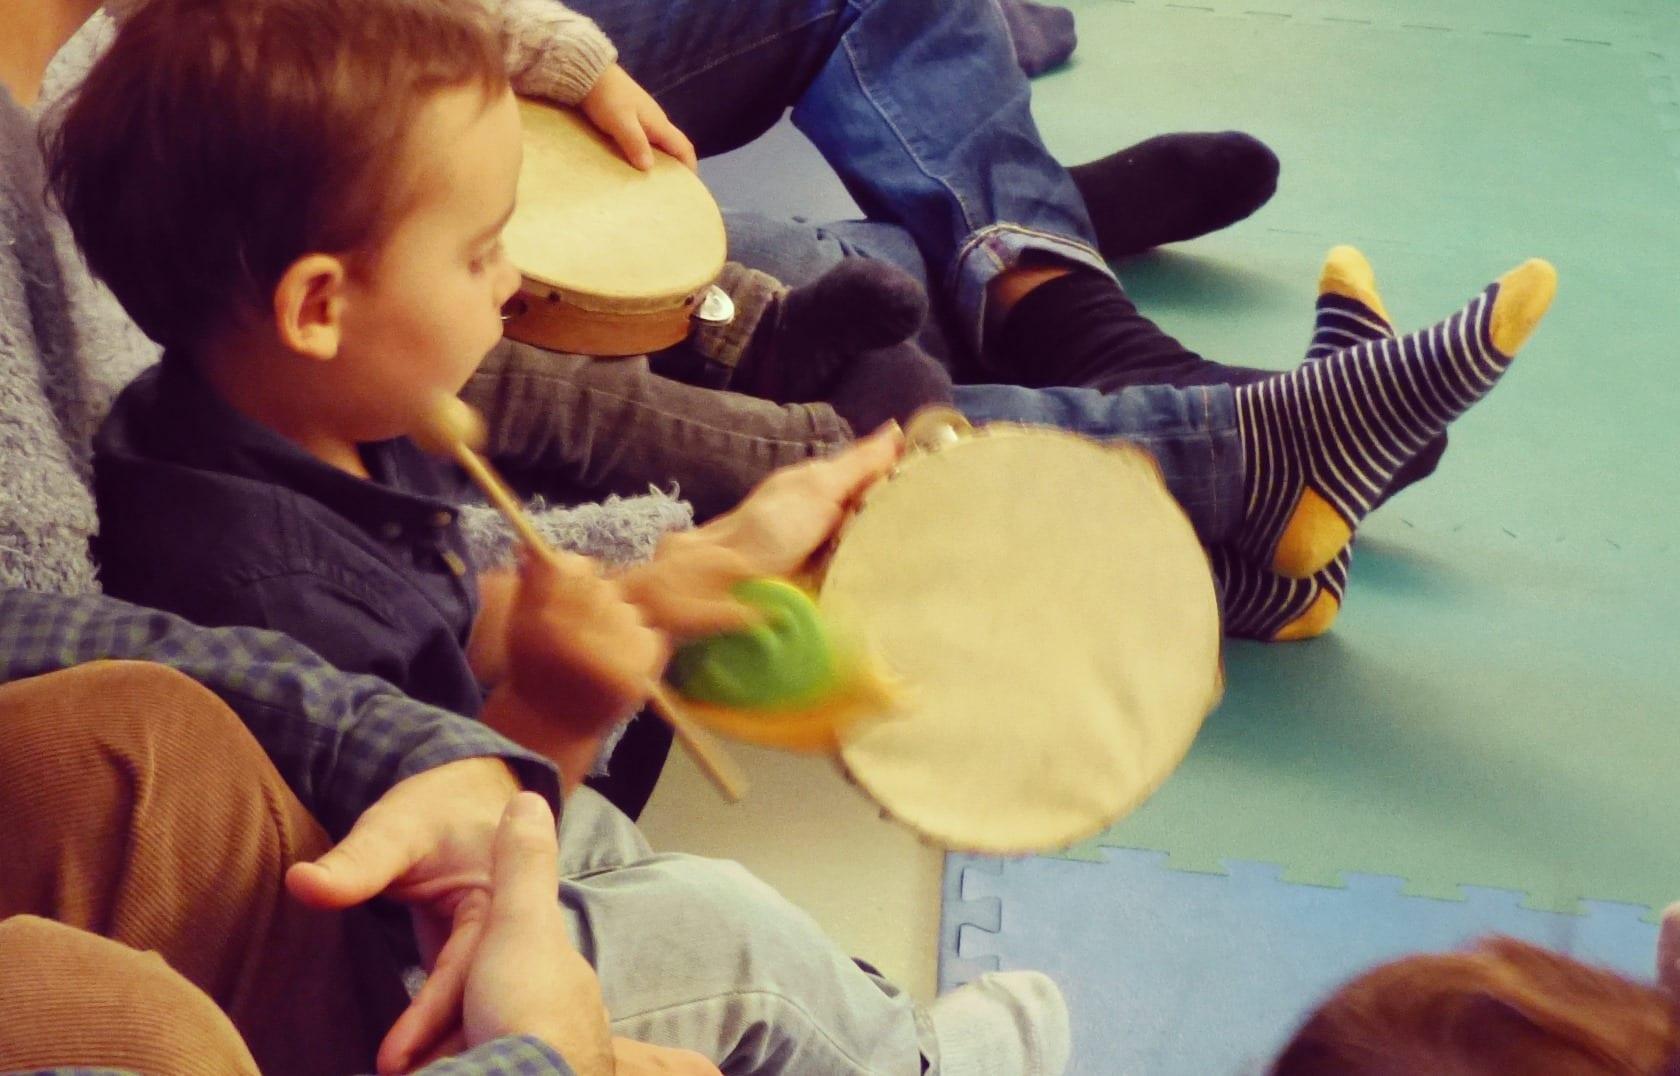 Musica para Bebes no Conservatório de Música de Sintra